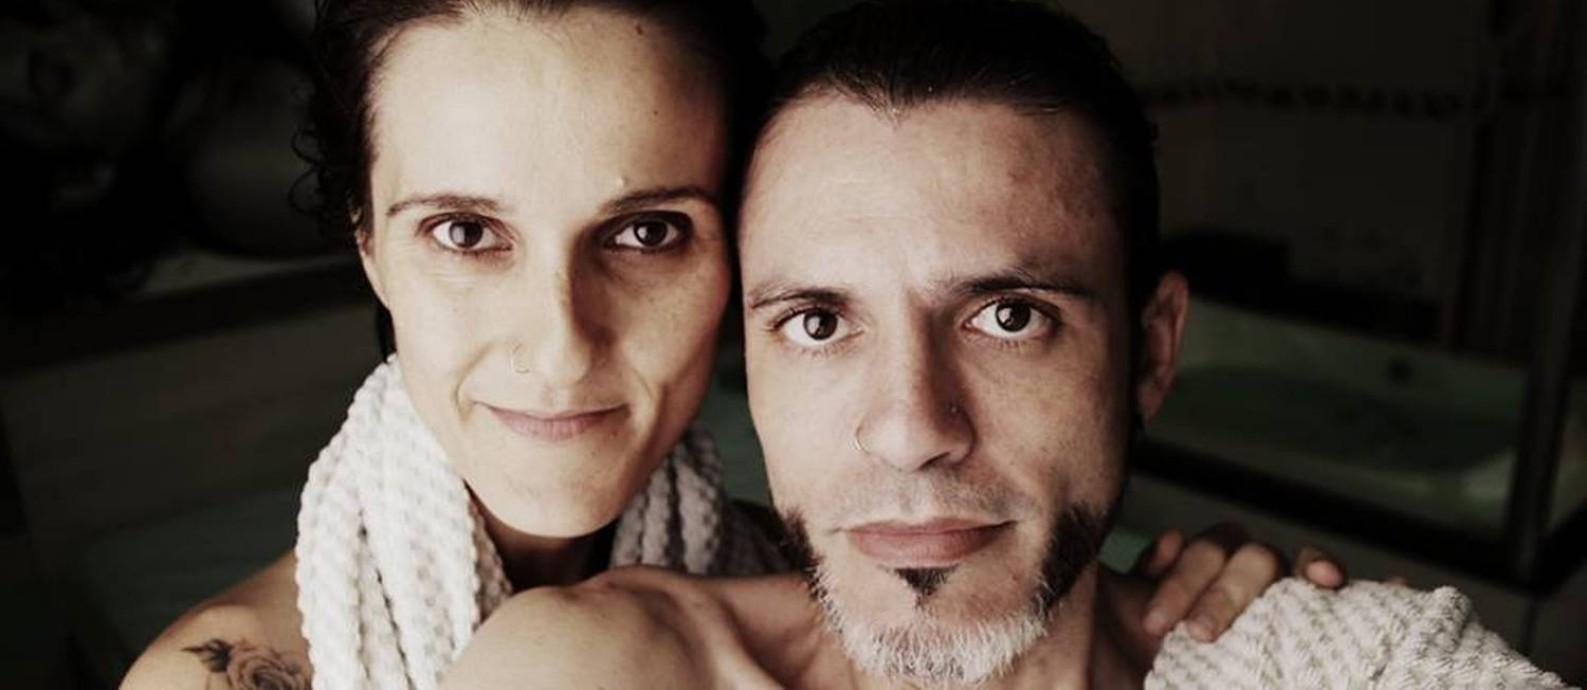 Ananda Joy (Diógenes Mira) e sua mulher, Adriana Valverde Foto: Reprodução/Facebook